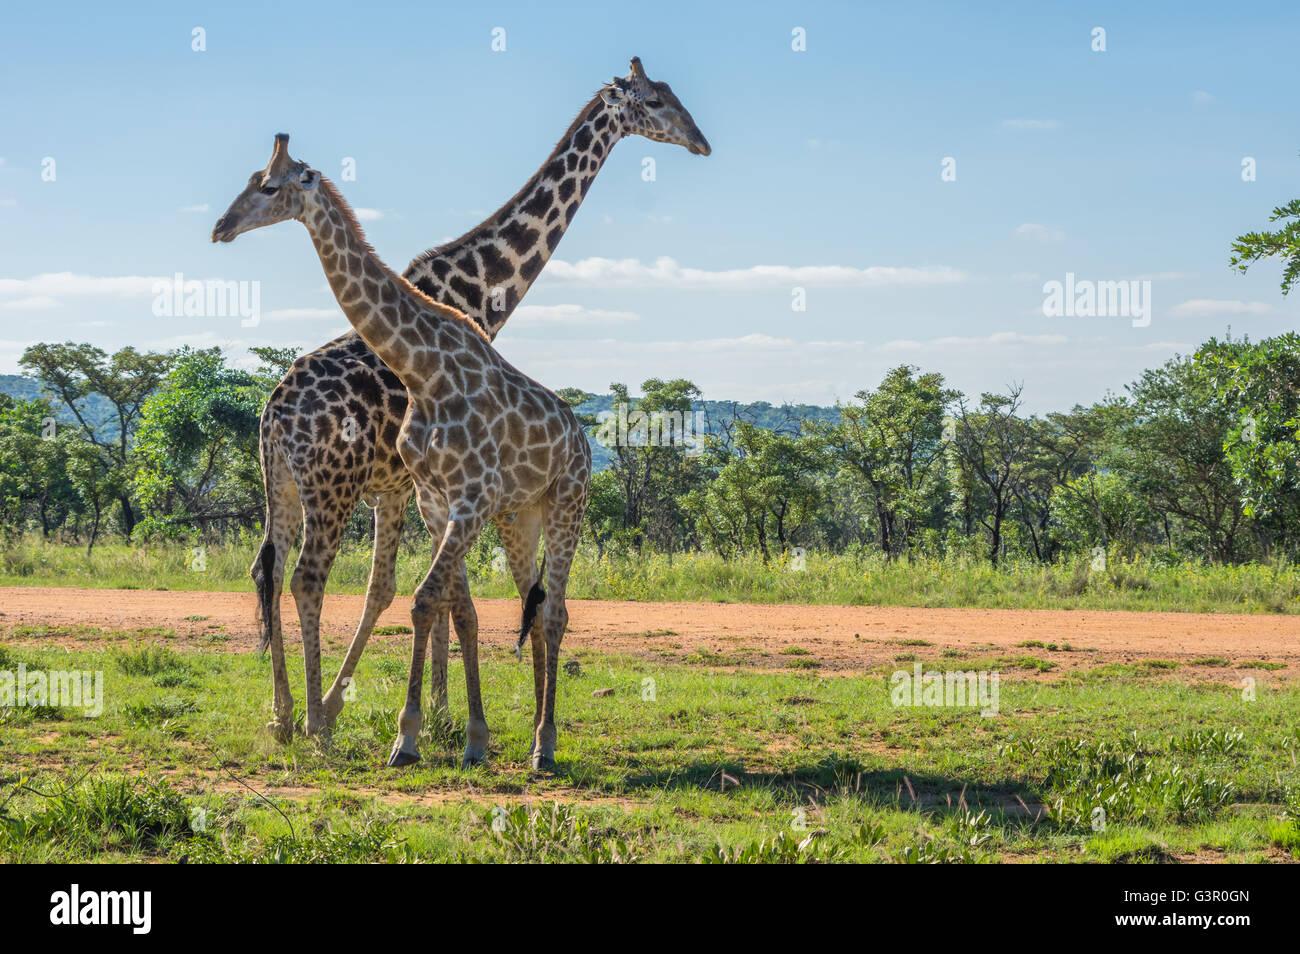 Enseignement girafe sa progéniture pour combattre dans l'Welgevonden Game Reserve en Afrique du Sud Photo Stock